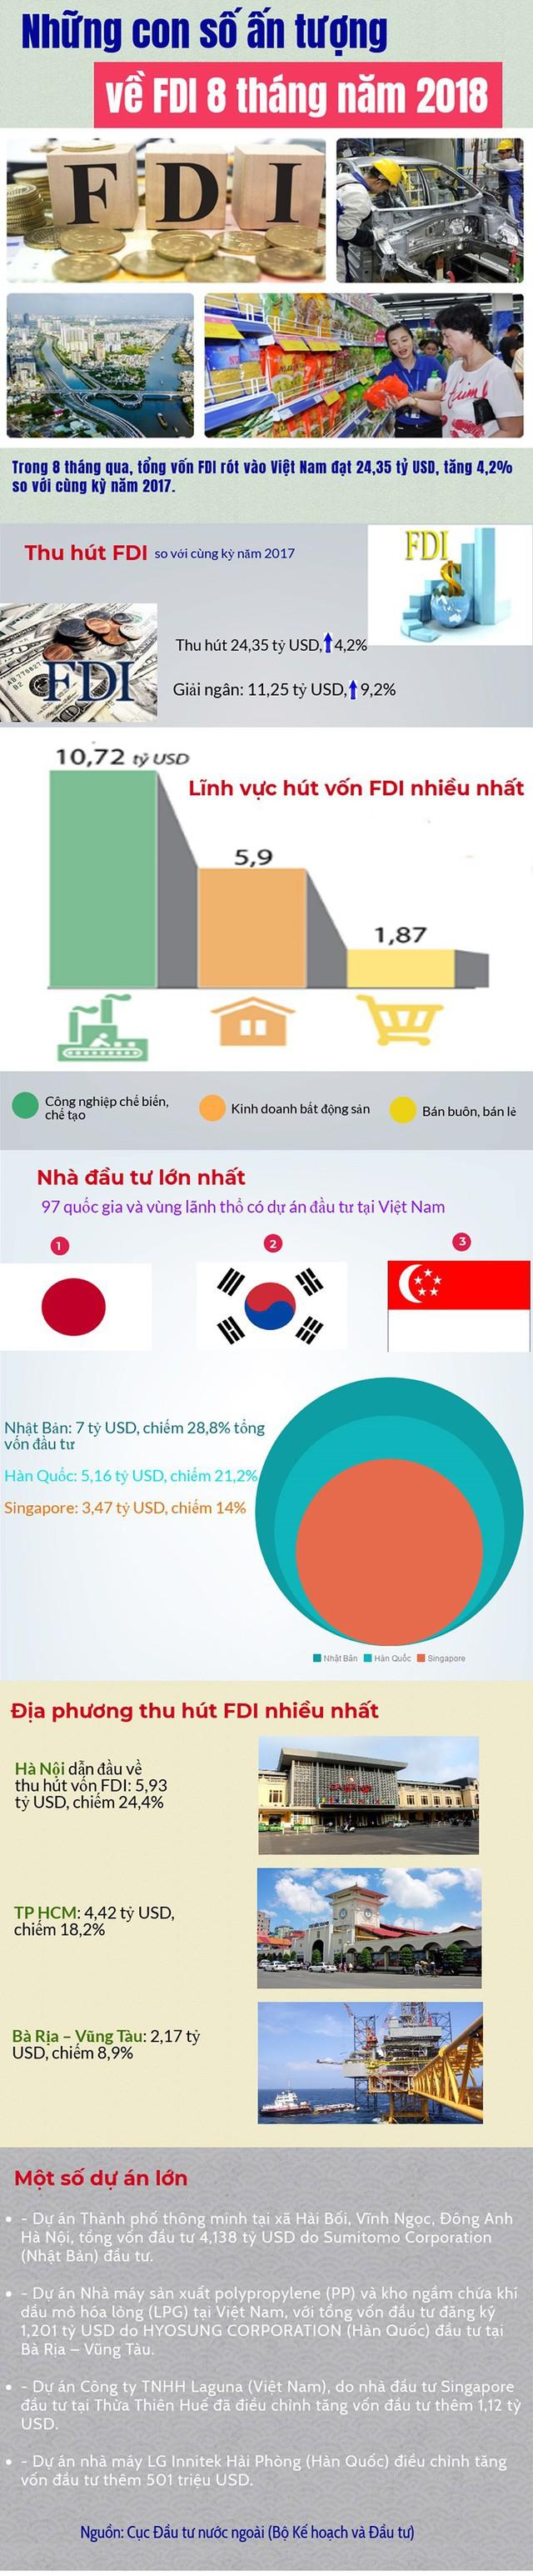 Infographics: Những con số ấn tượng về FDI 8 tháng năm 2018 - Ảnh 1.